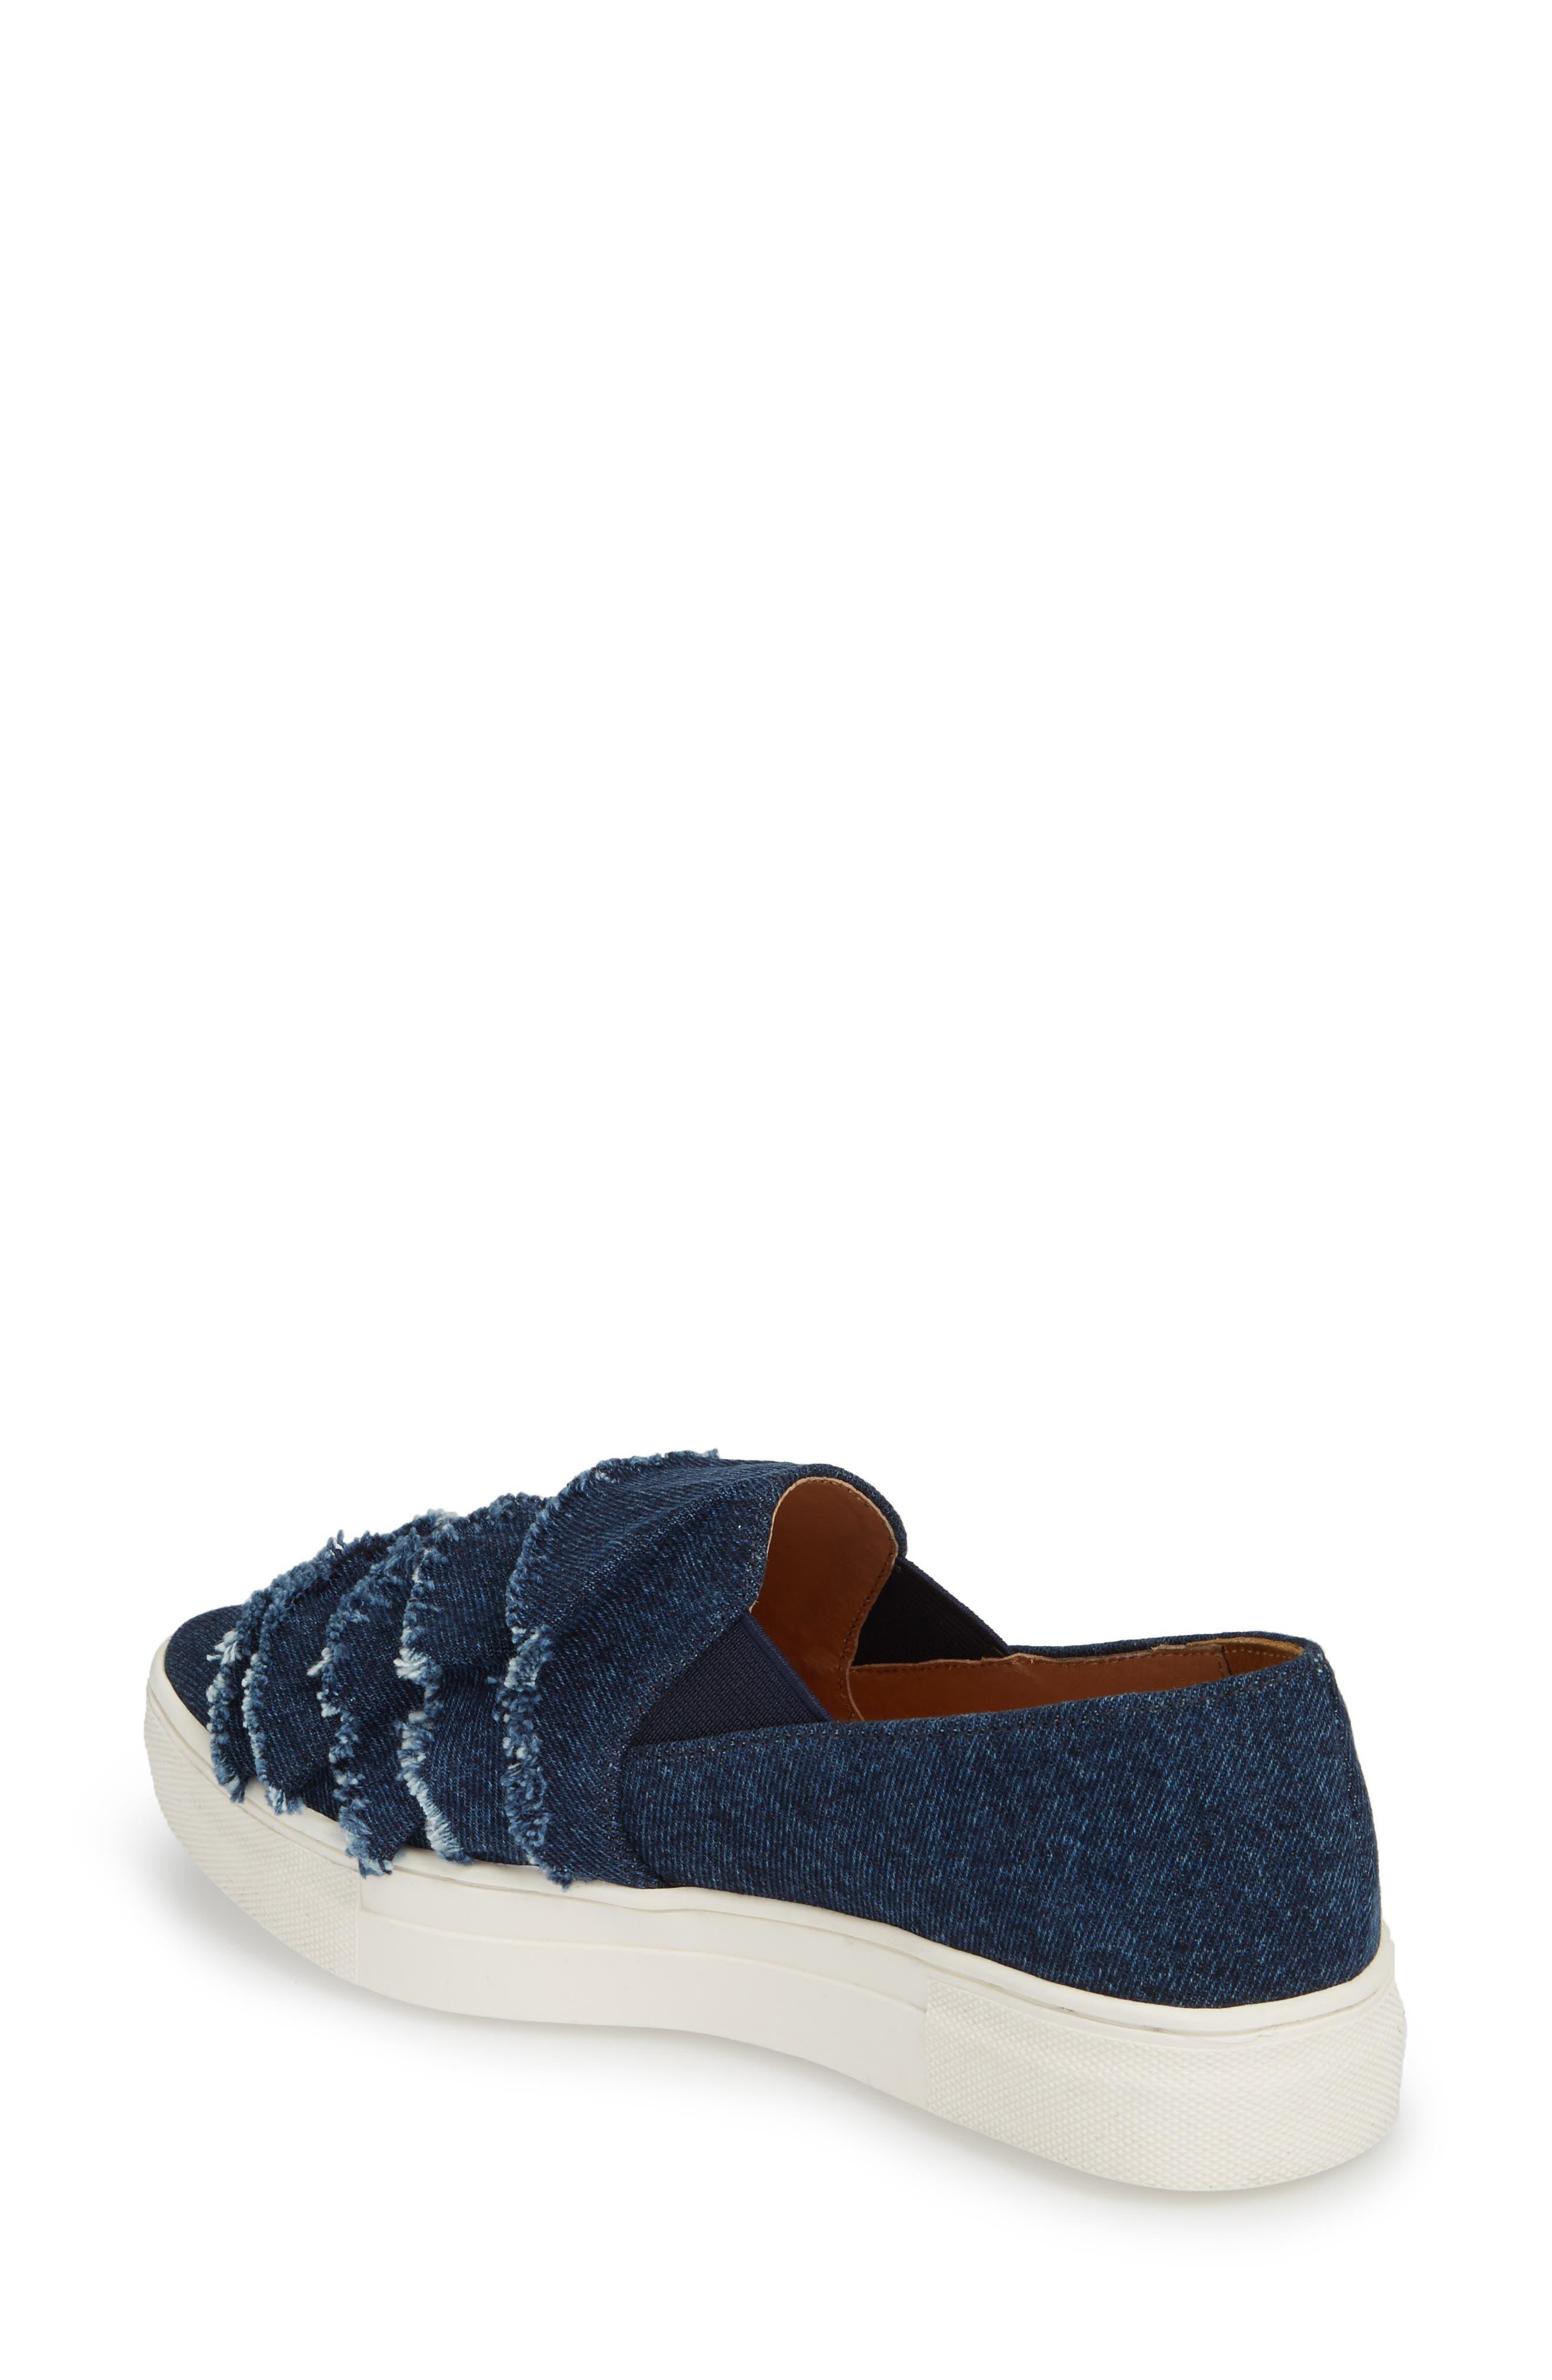 Alternate Image 2  - Seychelles Quake II Slip-On Sneaker (Women)